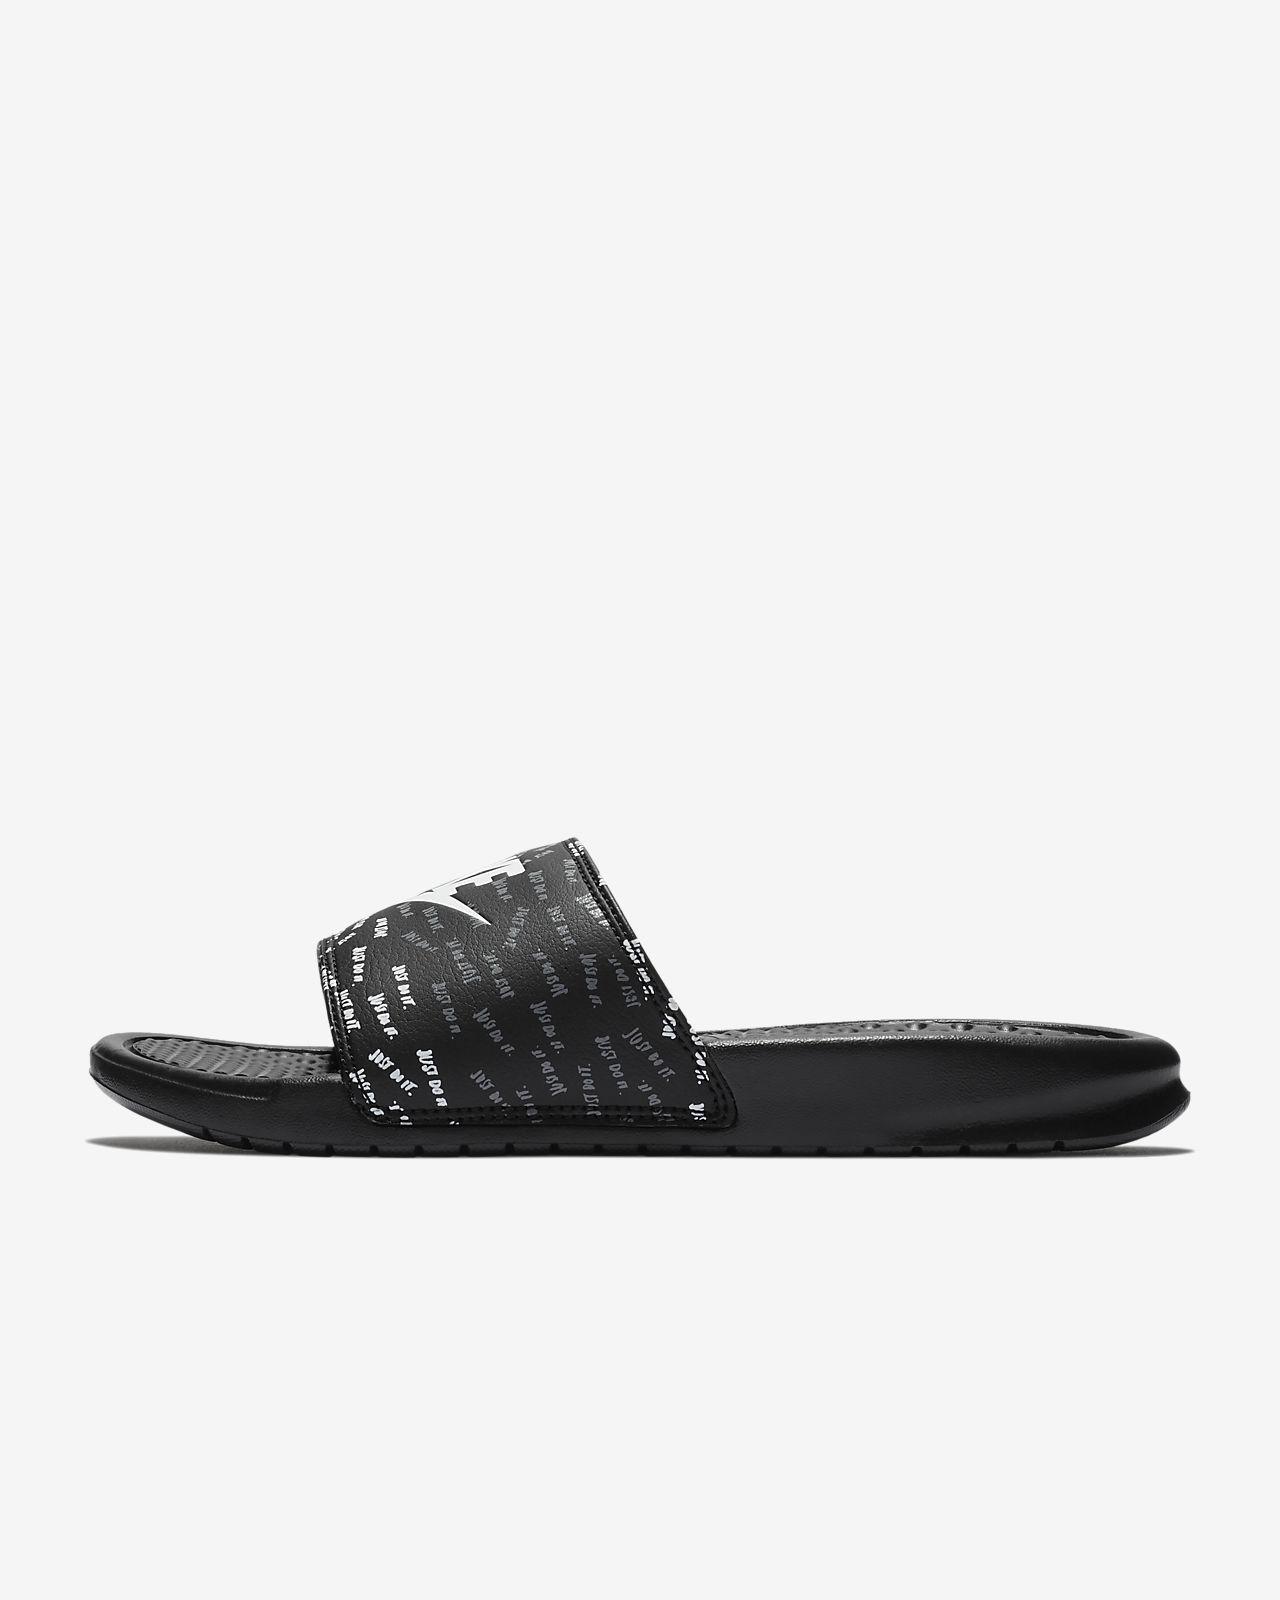 Nike Pantoufle / Sandale / Benassi Jdi En Noir dc0gW4c